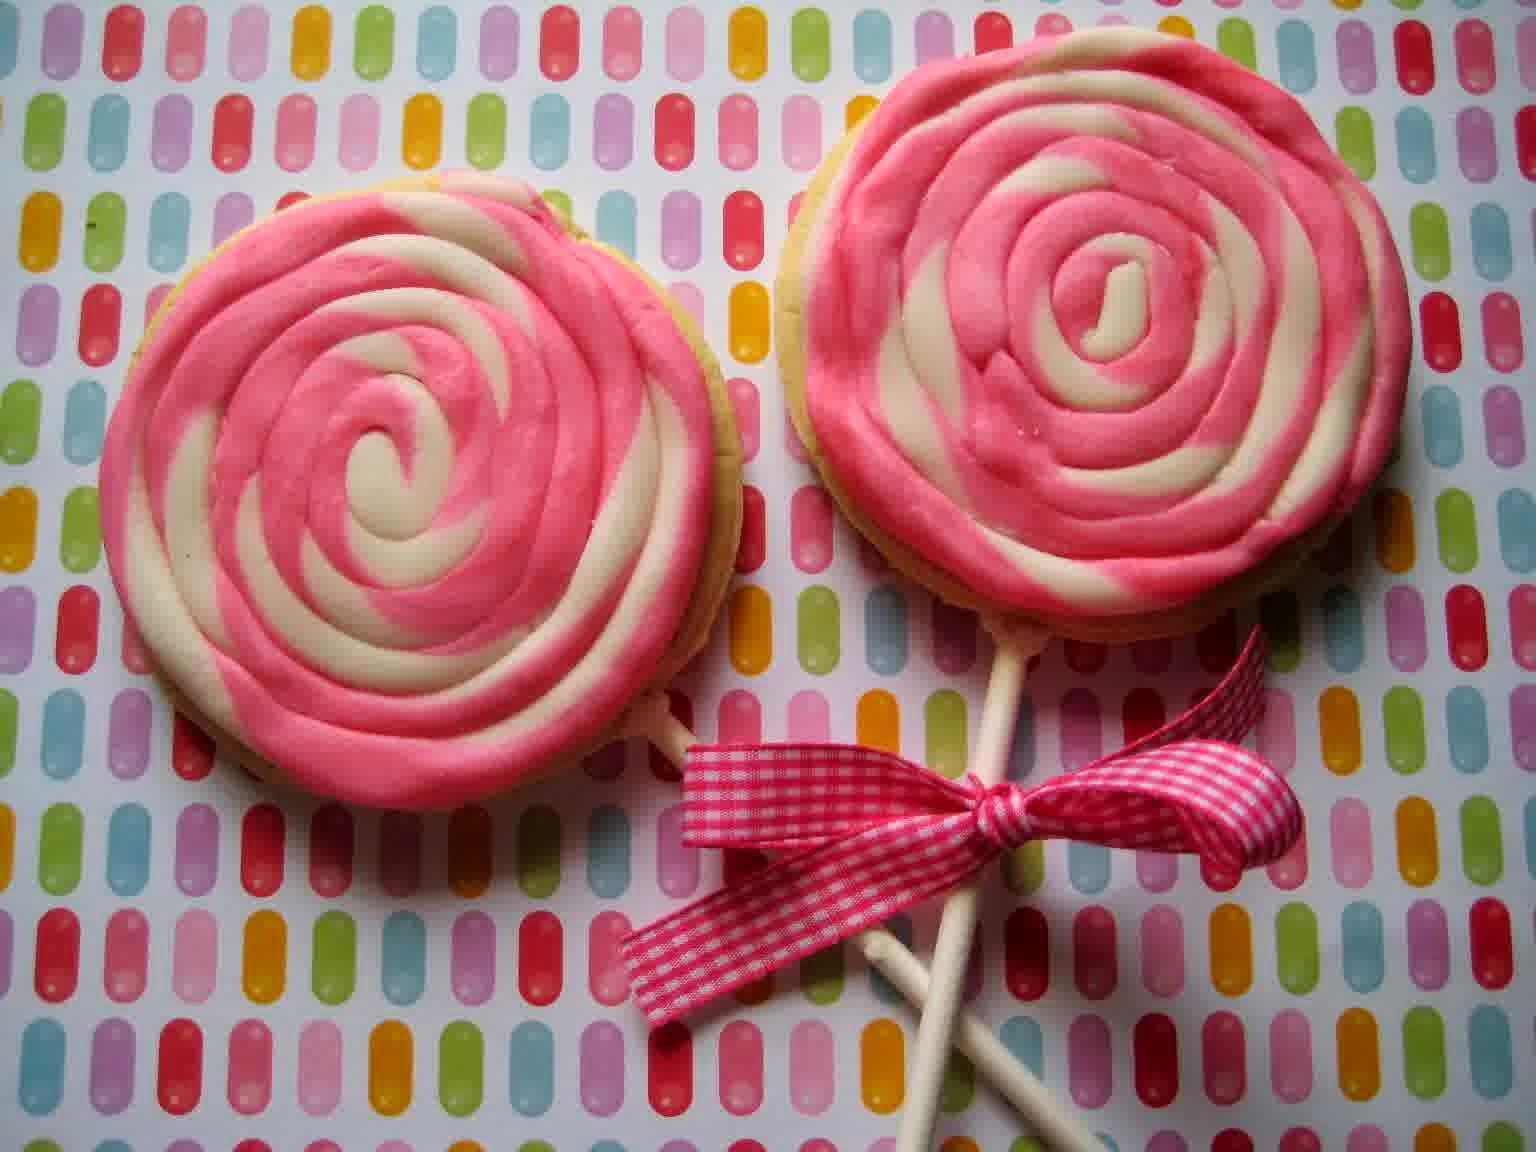 sekarang kami akan berbagi resep nikmat lainnya Resep Permen Lollipop Manis dan Lembut